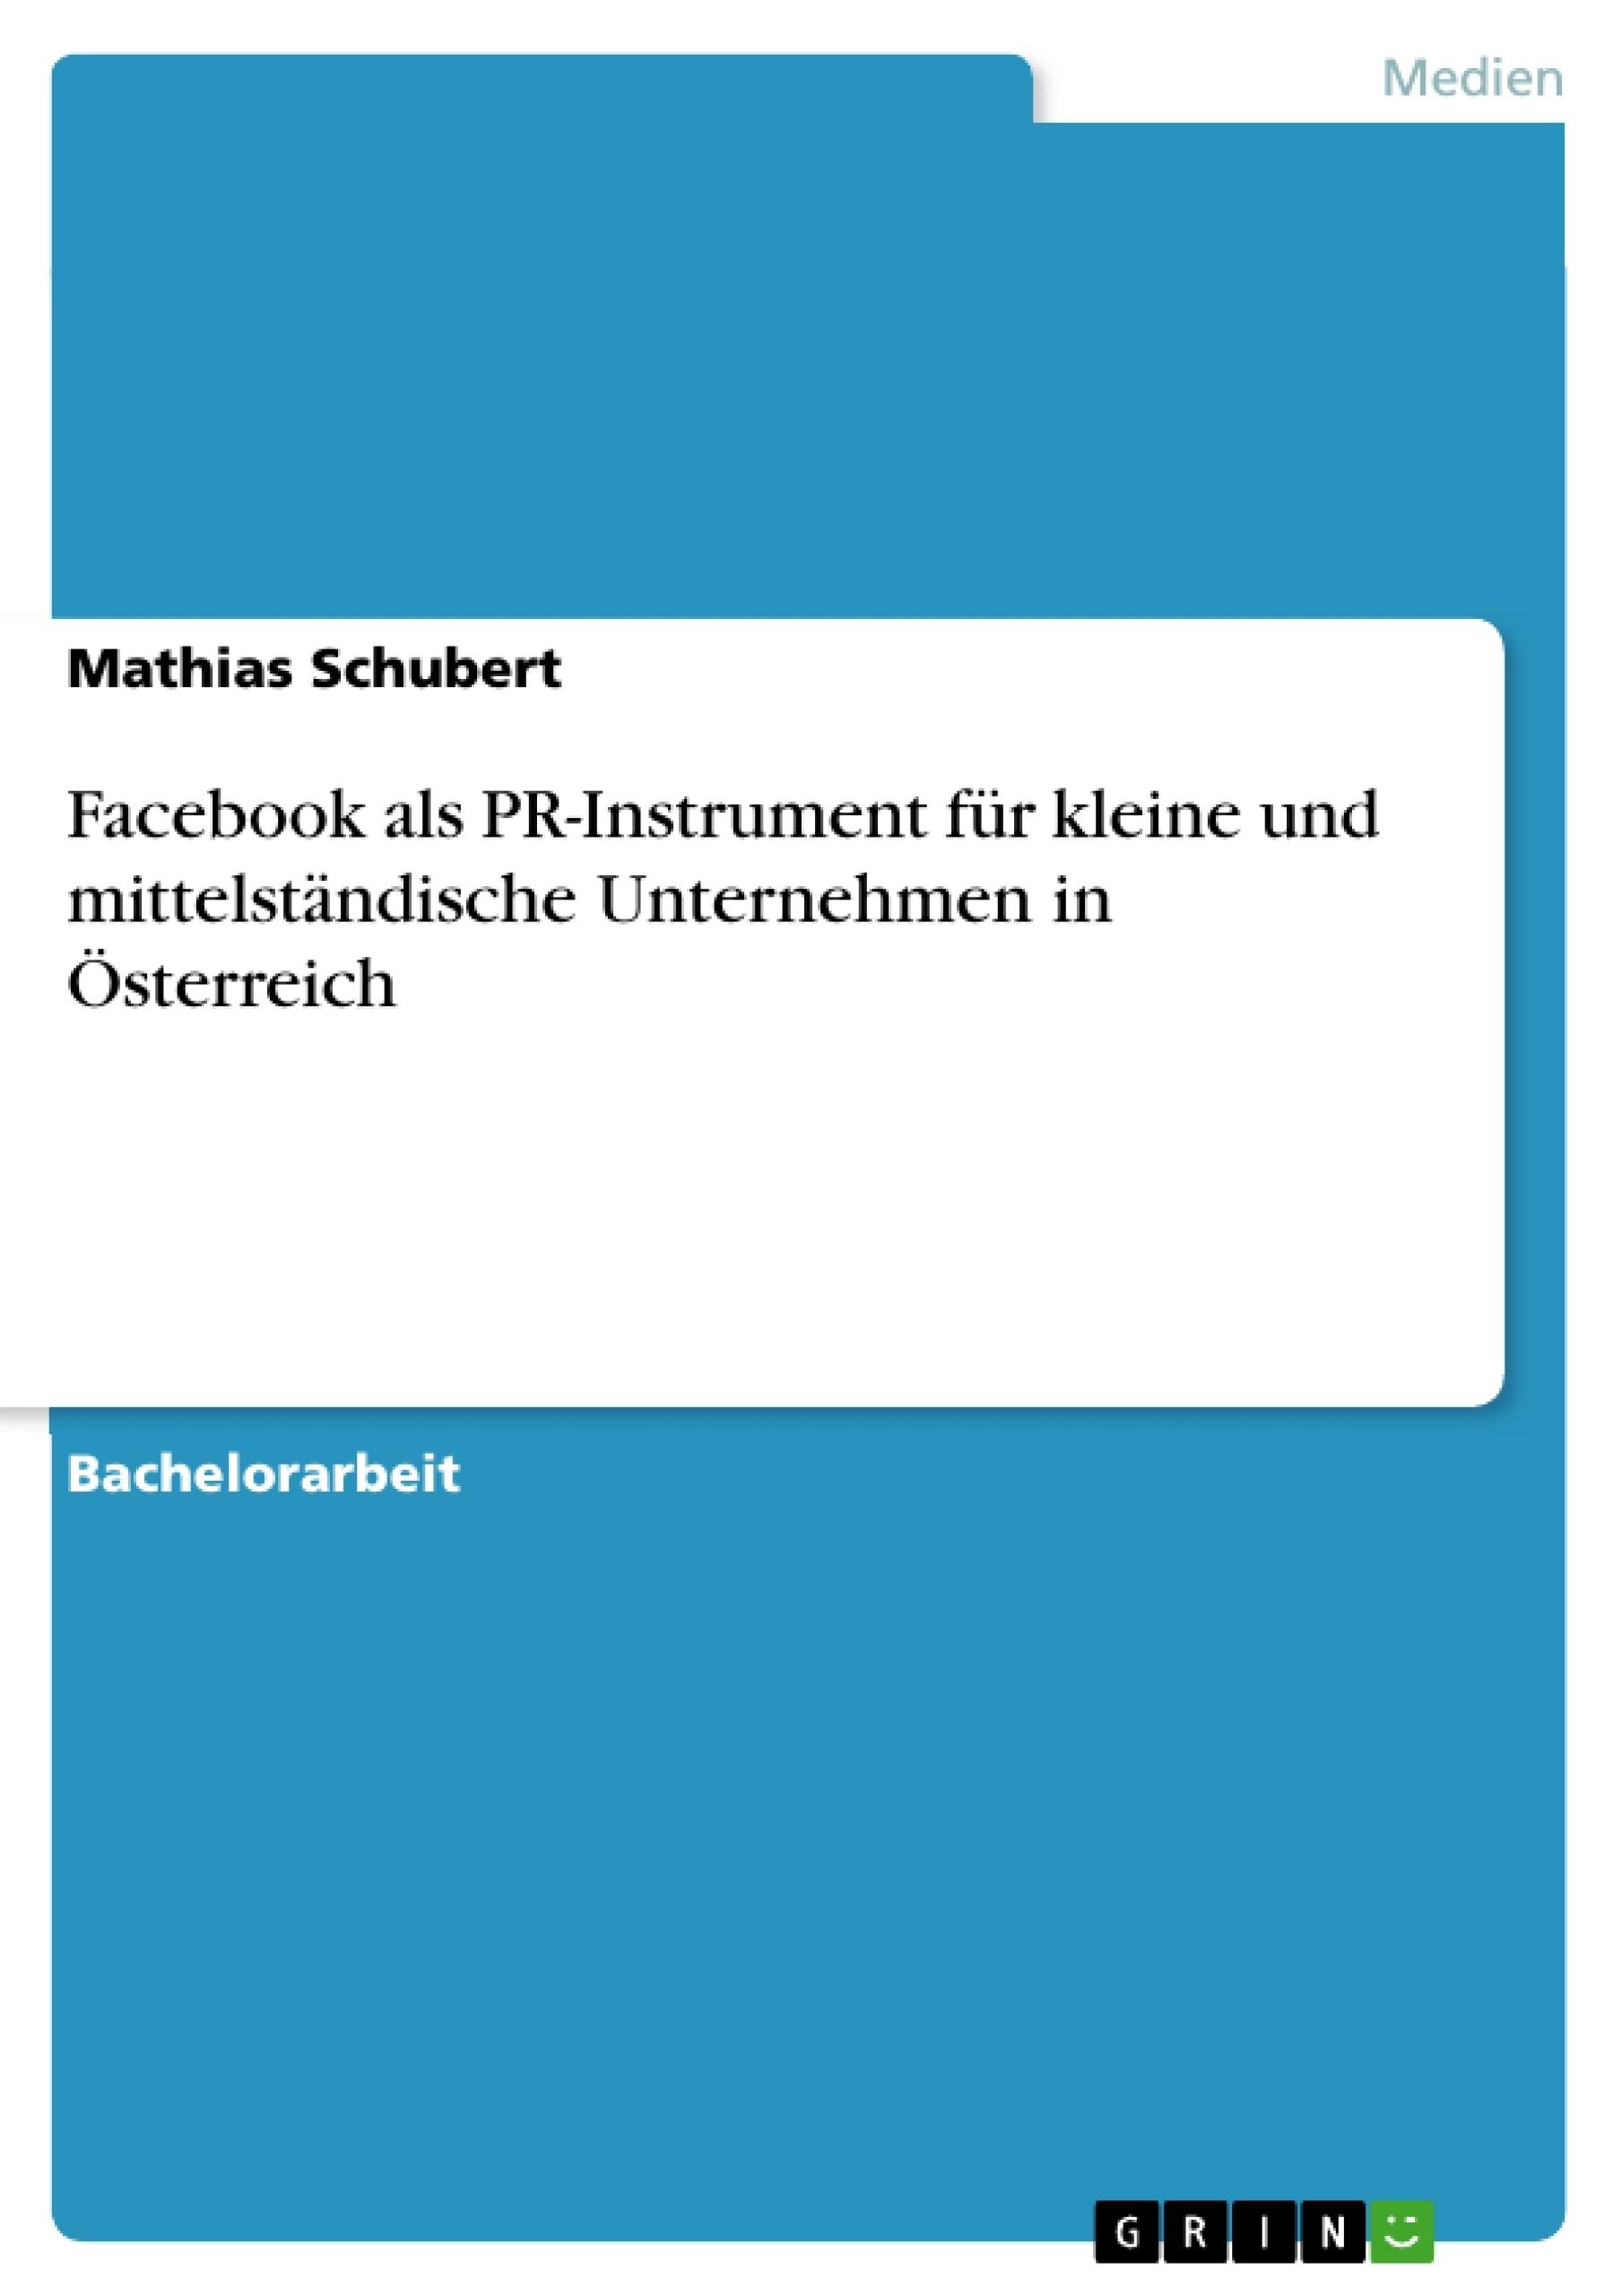 Titel: Facebook als PR-Instrument für kleine und mittelständische Unternehmen in Österreich